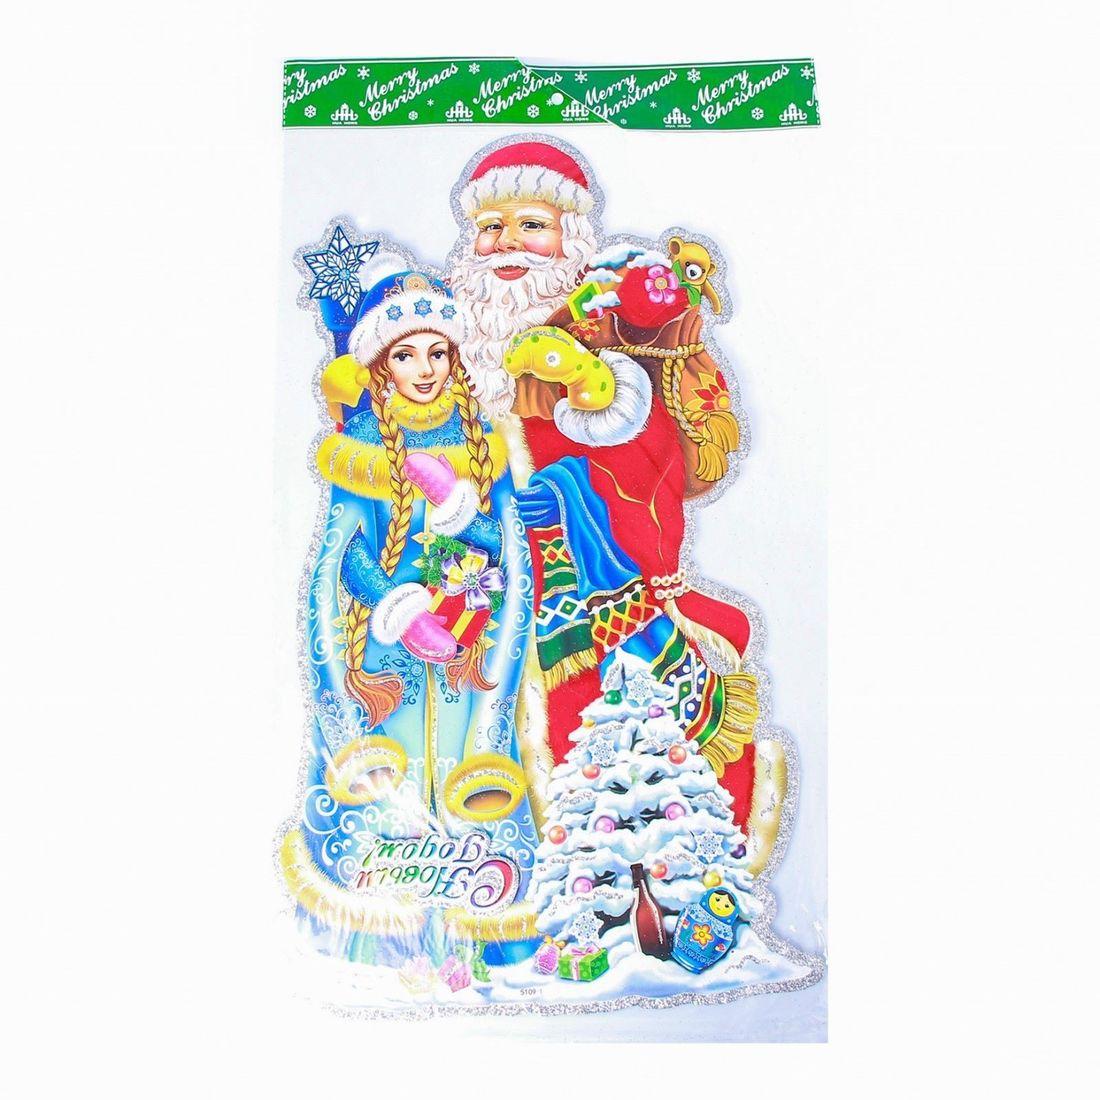 Плакат Дед Мороз и Снегурочка с подарками, 35 x 54 см2377926Новый год — время салютов, подарков и веселых празднований. Но первым делом нужно украсить помещение и сделать его нарядным. Традиционные гирлянды, мишура и шары — это замечательно, но как насчет свежих идей? Новогодние плакаты — яркое и современное решение для создания праздничного настроения.Используйте декор для украшения дверей, шкафчиков или стен. Новогодние персонажи и искрящиеся блестки — красочное дополнение для праздничного интерьера.